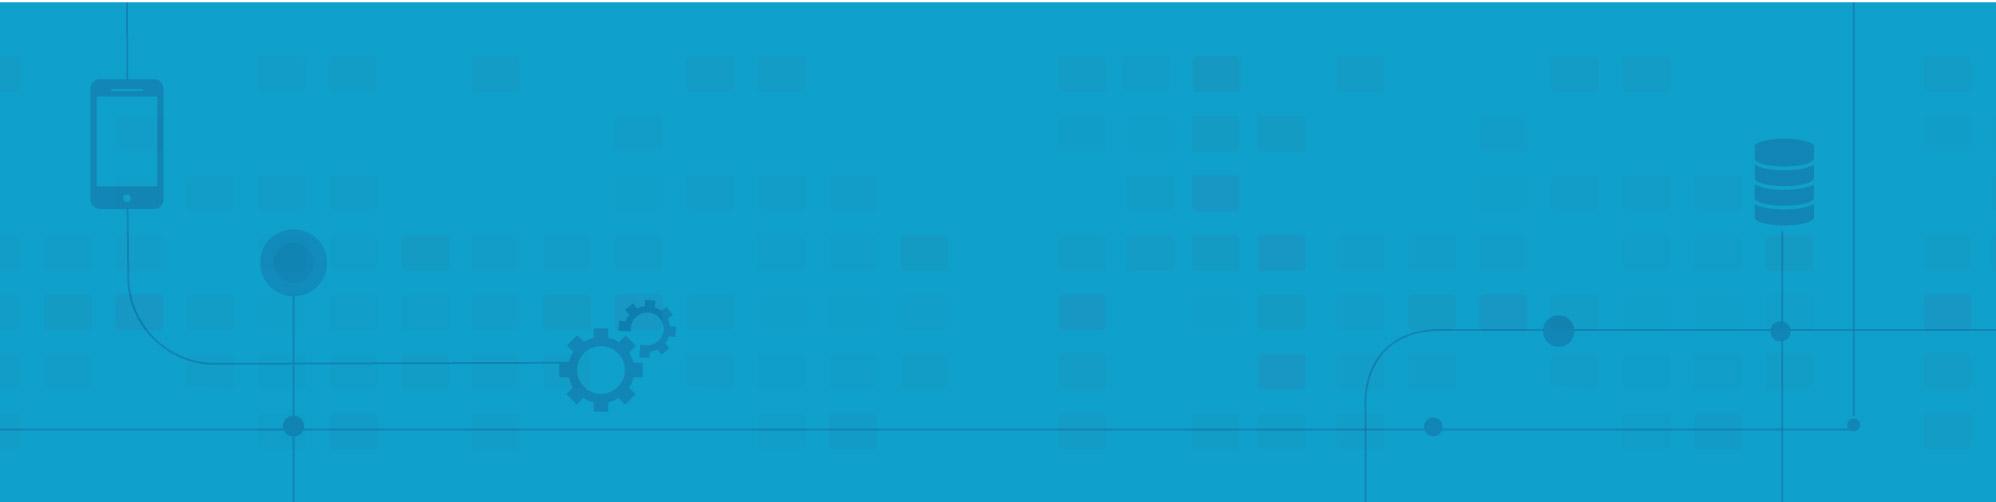 SAP-Roll-out--Betrieb.jpg